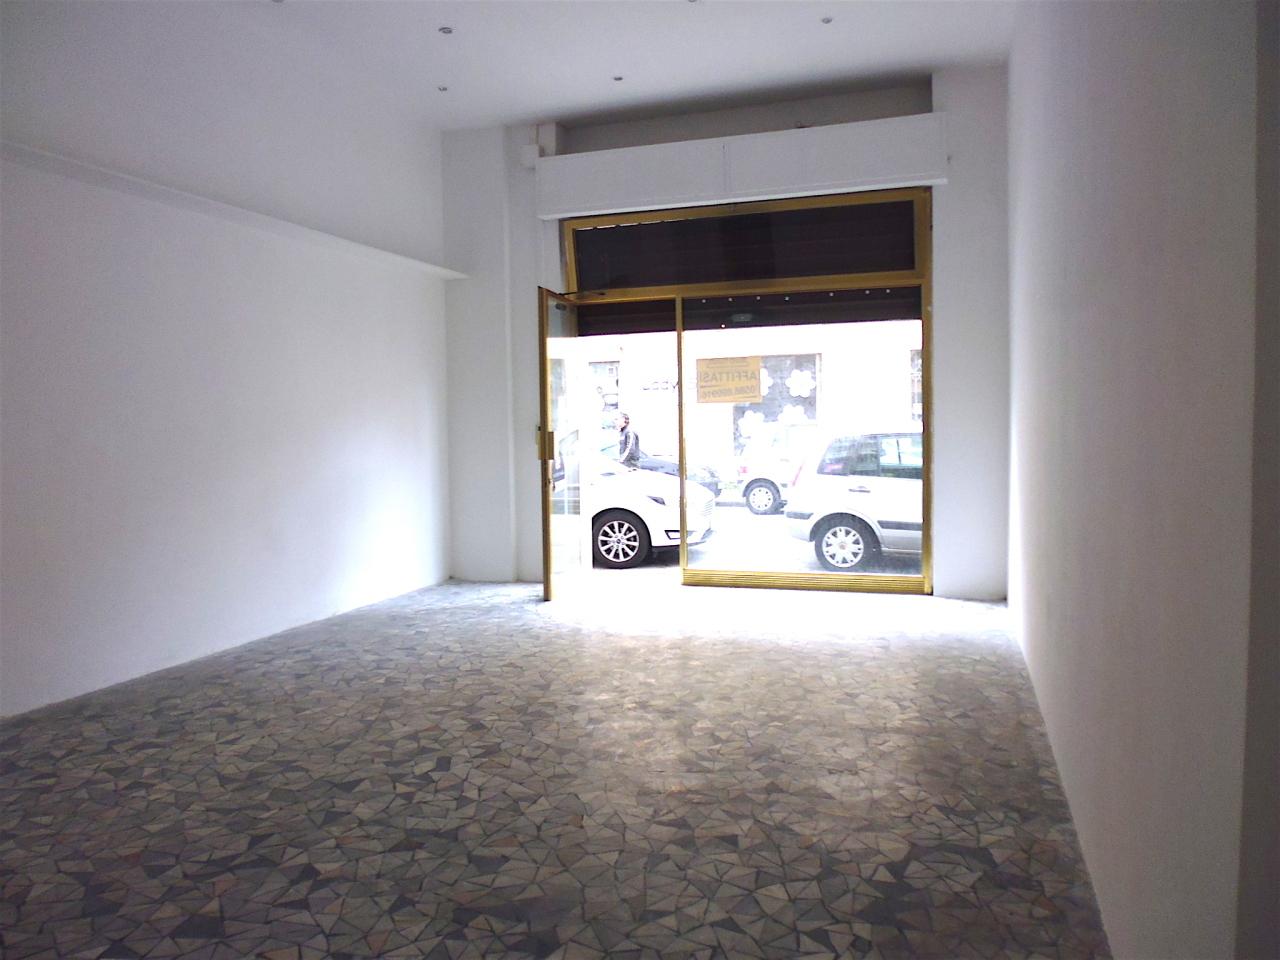 Negozio / Locale in affitto a Livorno, 2 locali, prezzo € 450 | Cambio Casa.it